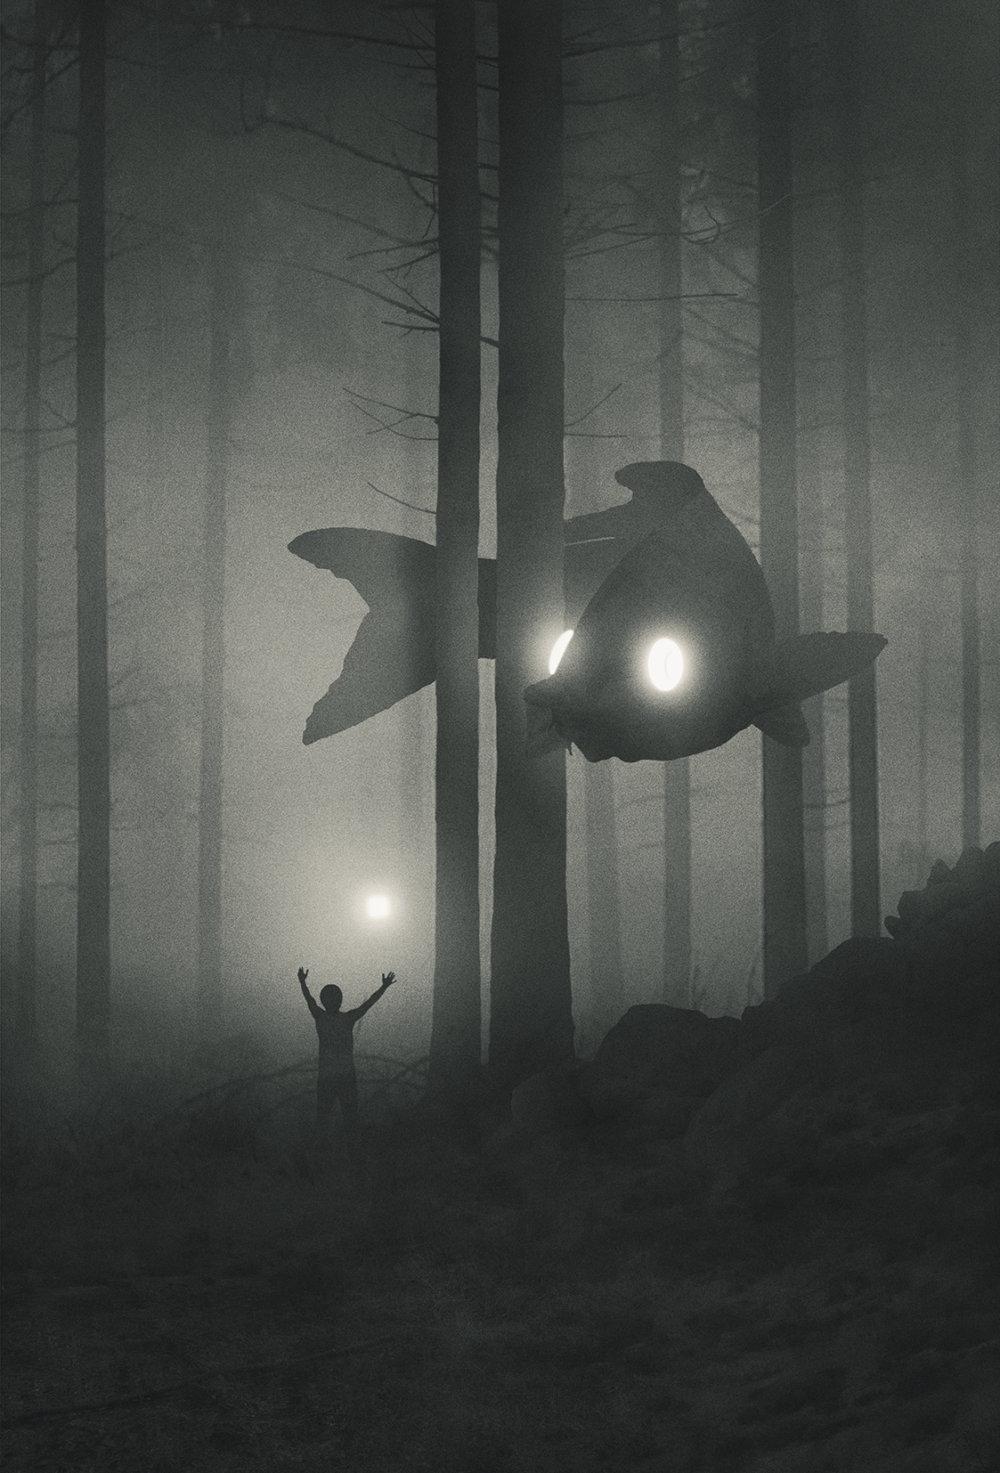 Fabulous Illustrations Of Mystic Beings In Gloomy Scenarios By Dawid Planeta 6